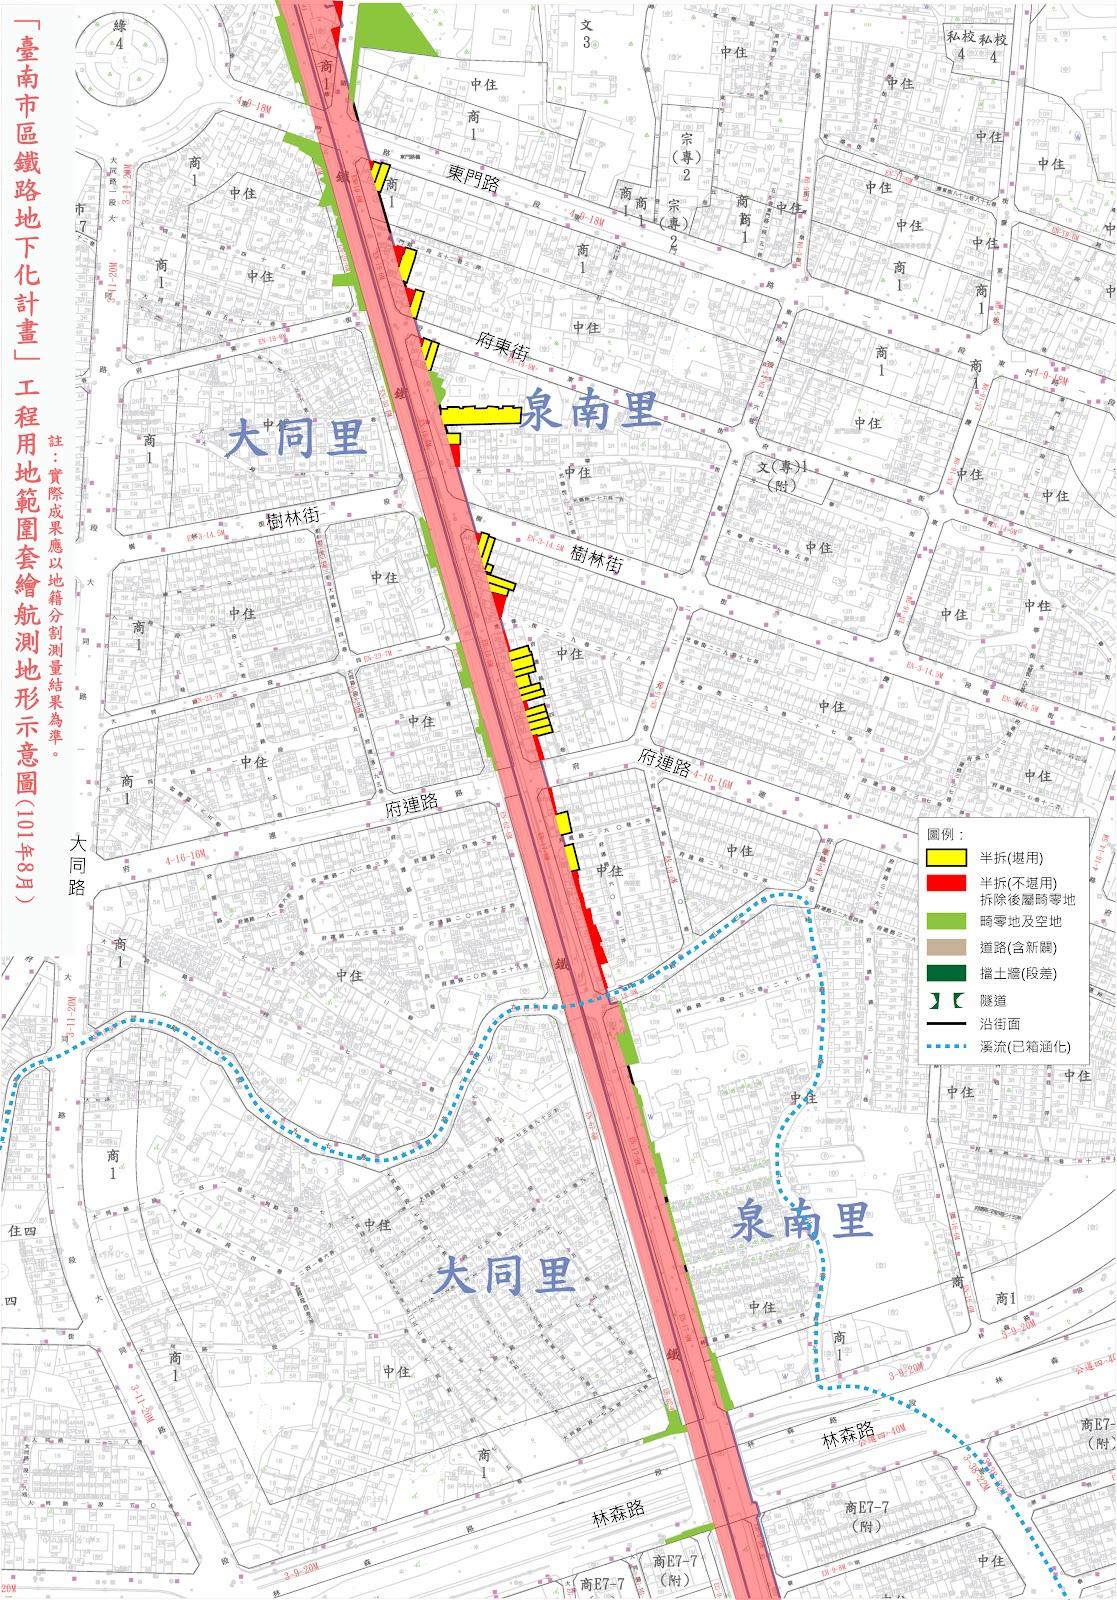 台南鐵路地下化航測圖-大同里-拆除.jpg